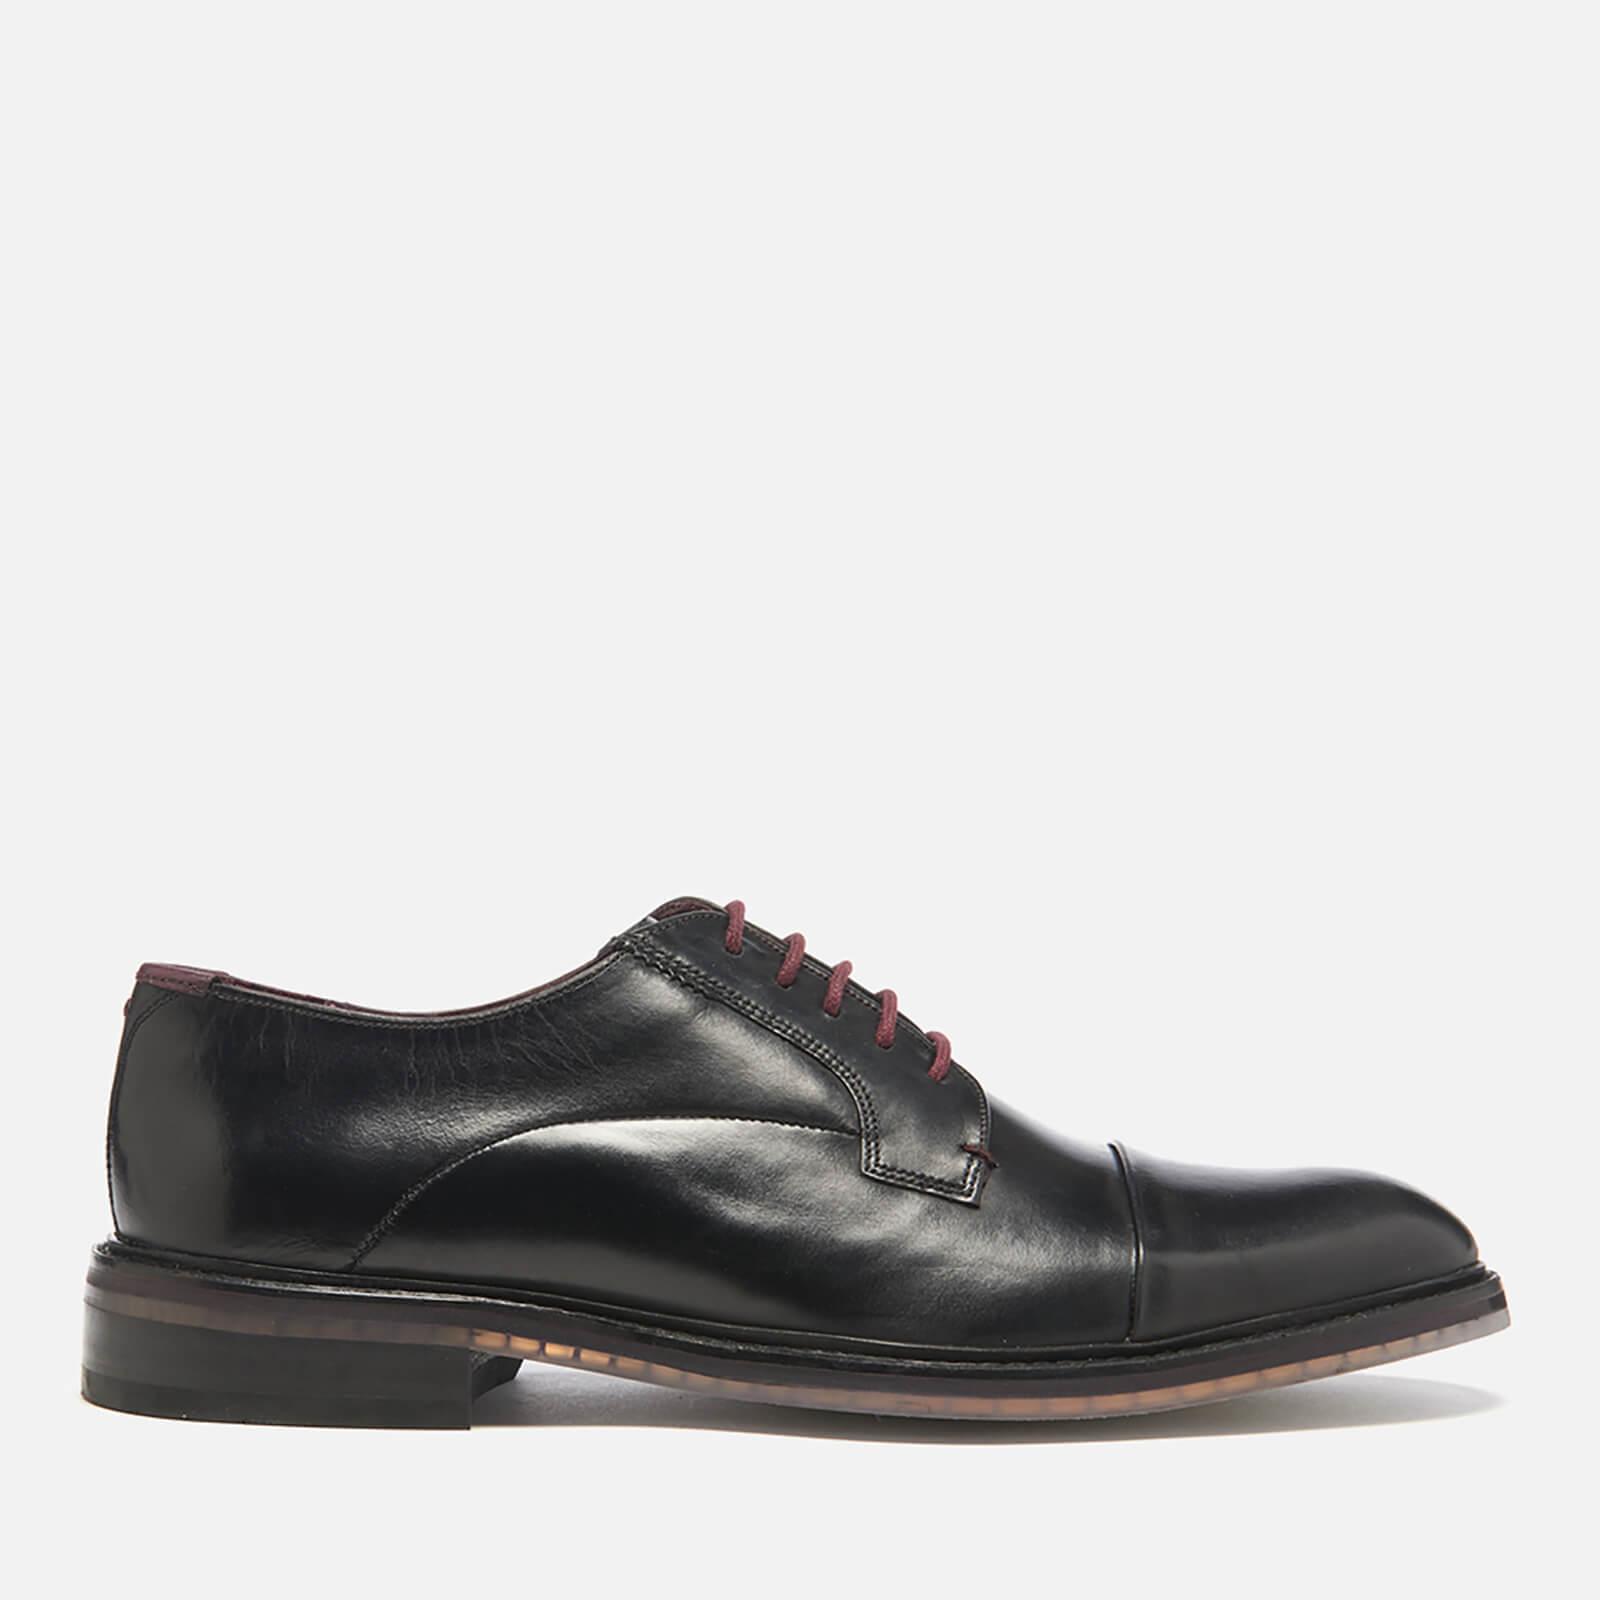 5de2dc7d1eb3e Ted Baker Men s Aokii Burnished Leather Toe Cap Derby Shoes - Black ...